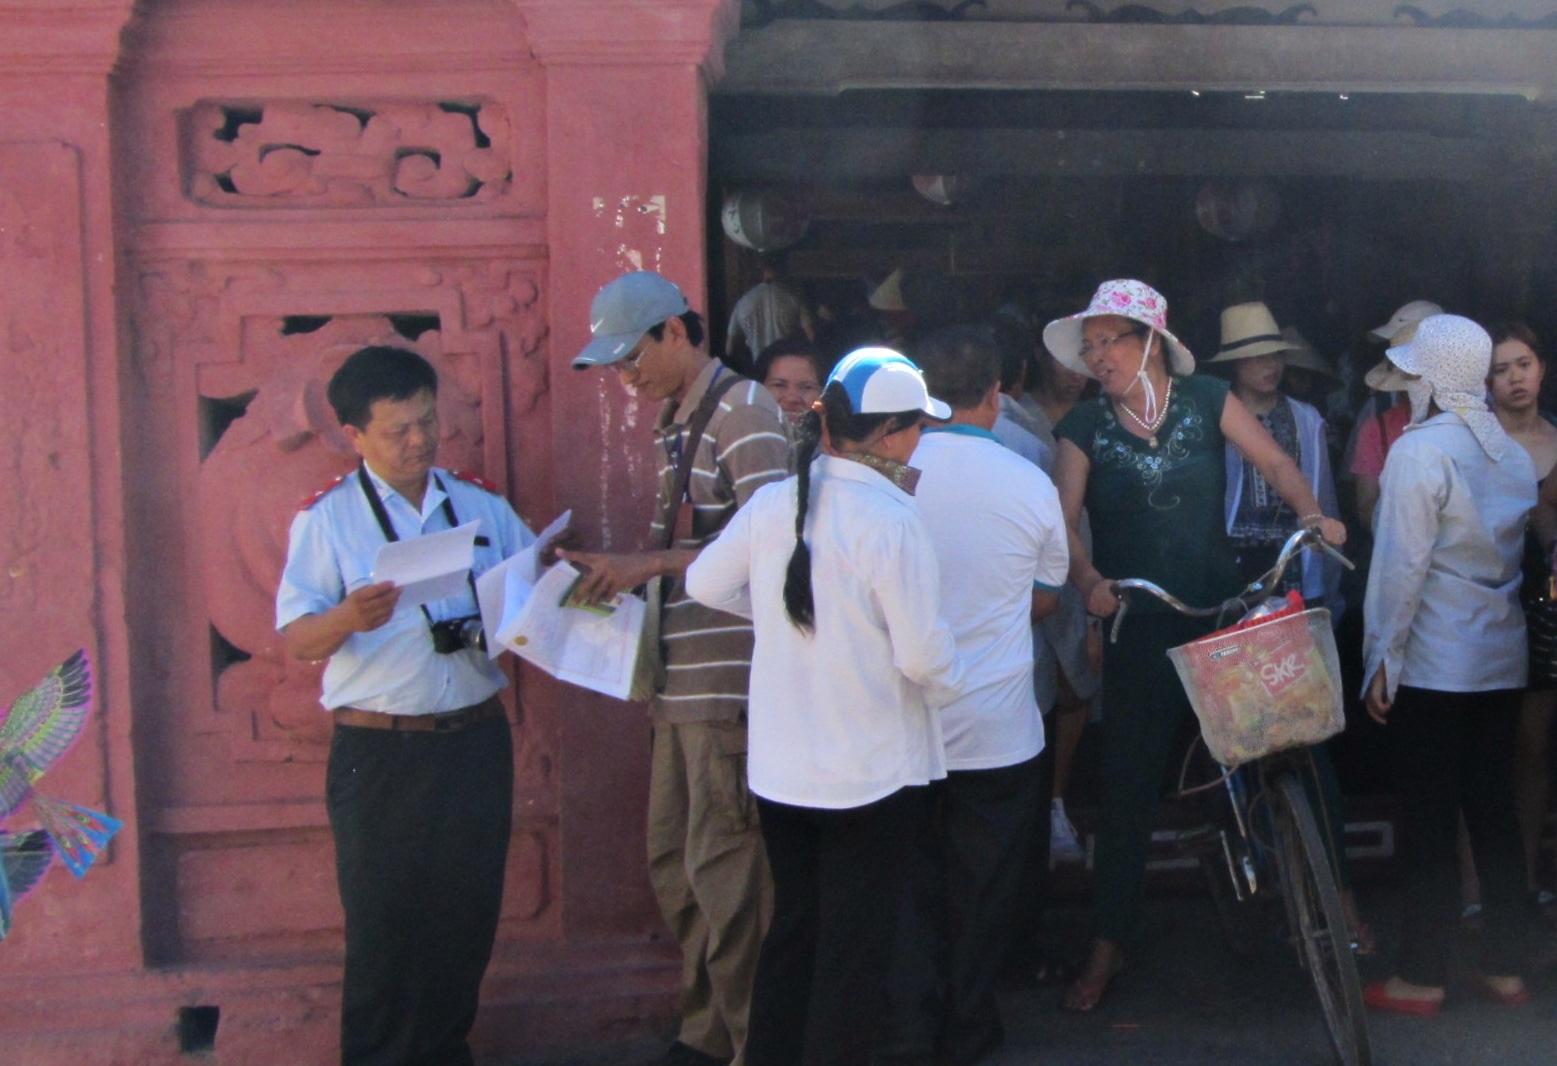 Từ hôm 30/6 tới nay (2/7), Than tra Sở Du lịch Hội An tăng cường kiểm soát nhưng chưa phát hiện HDV Trung Quốc hoạt động chui ở Hội An (Quảng Nam)